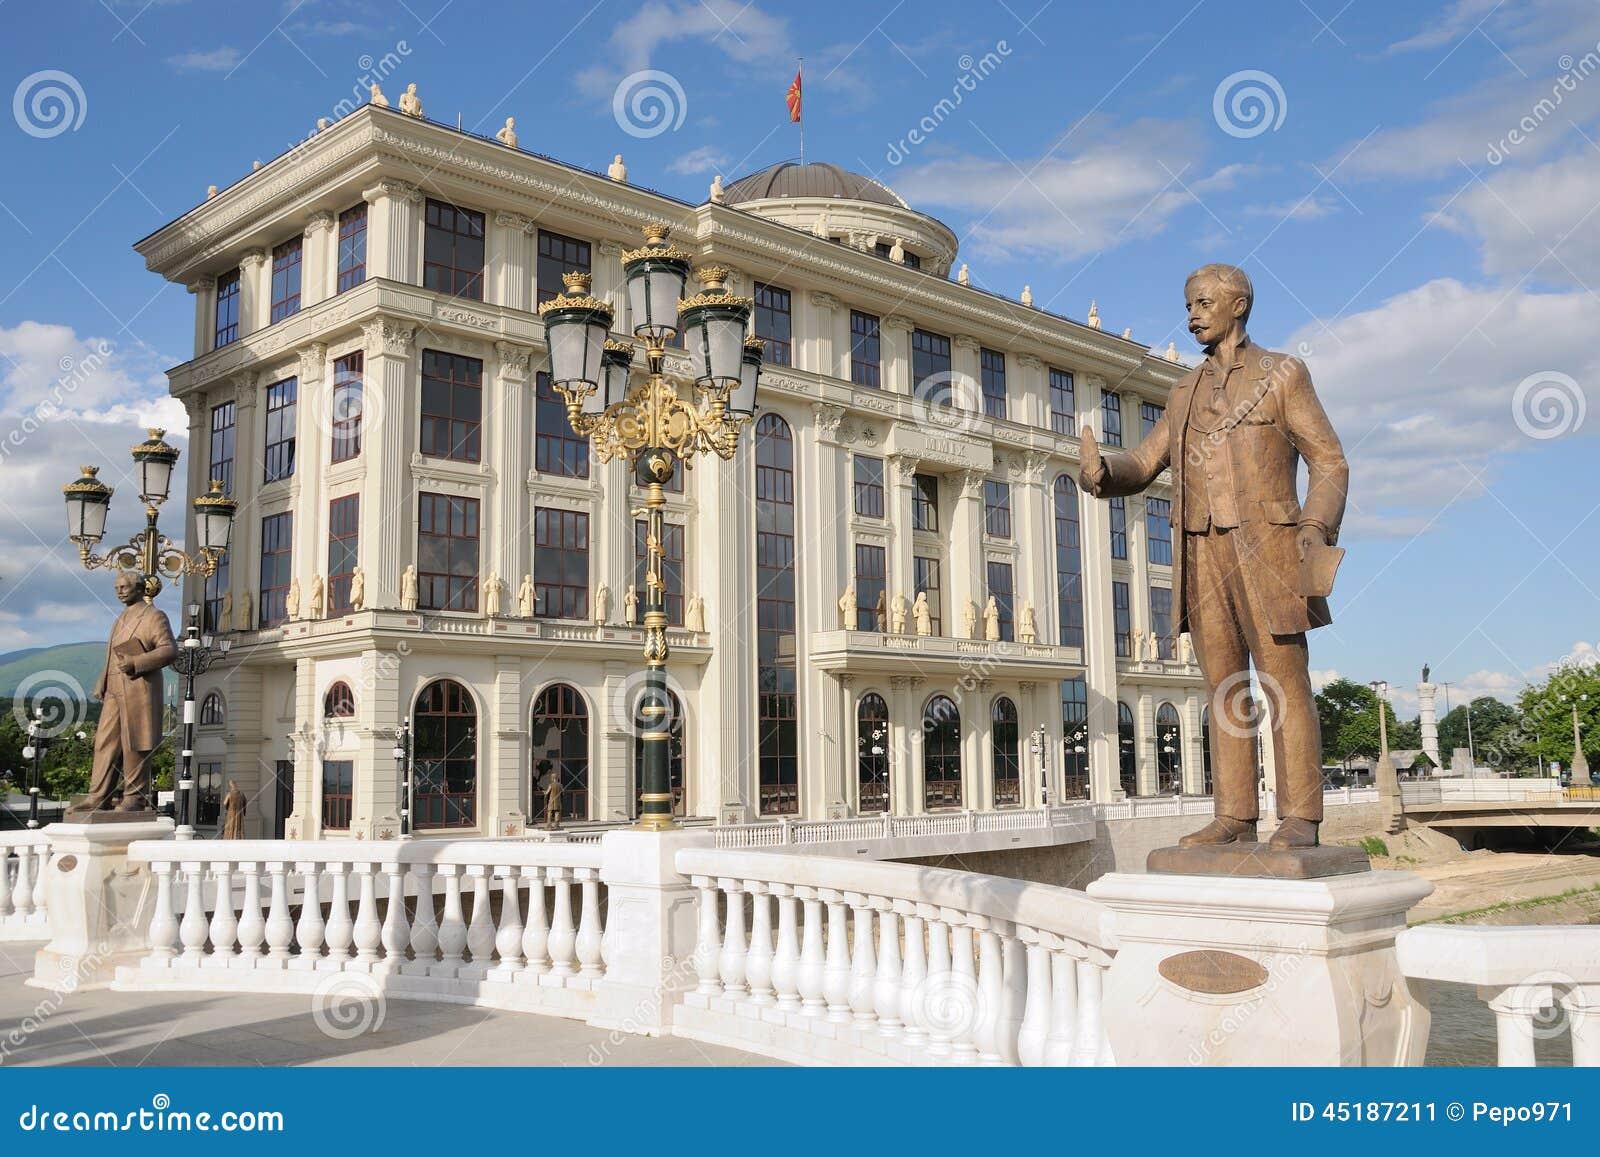 Υπουργείο Εξωτερικών στα Σκόπια